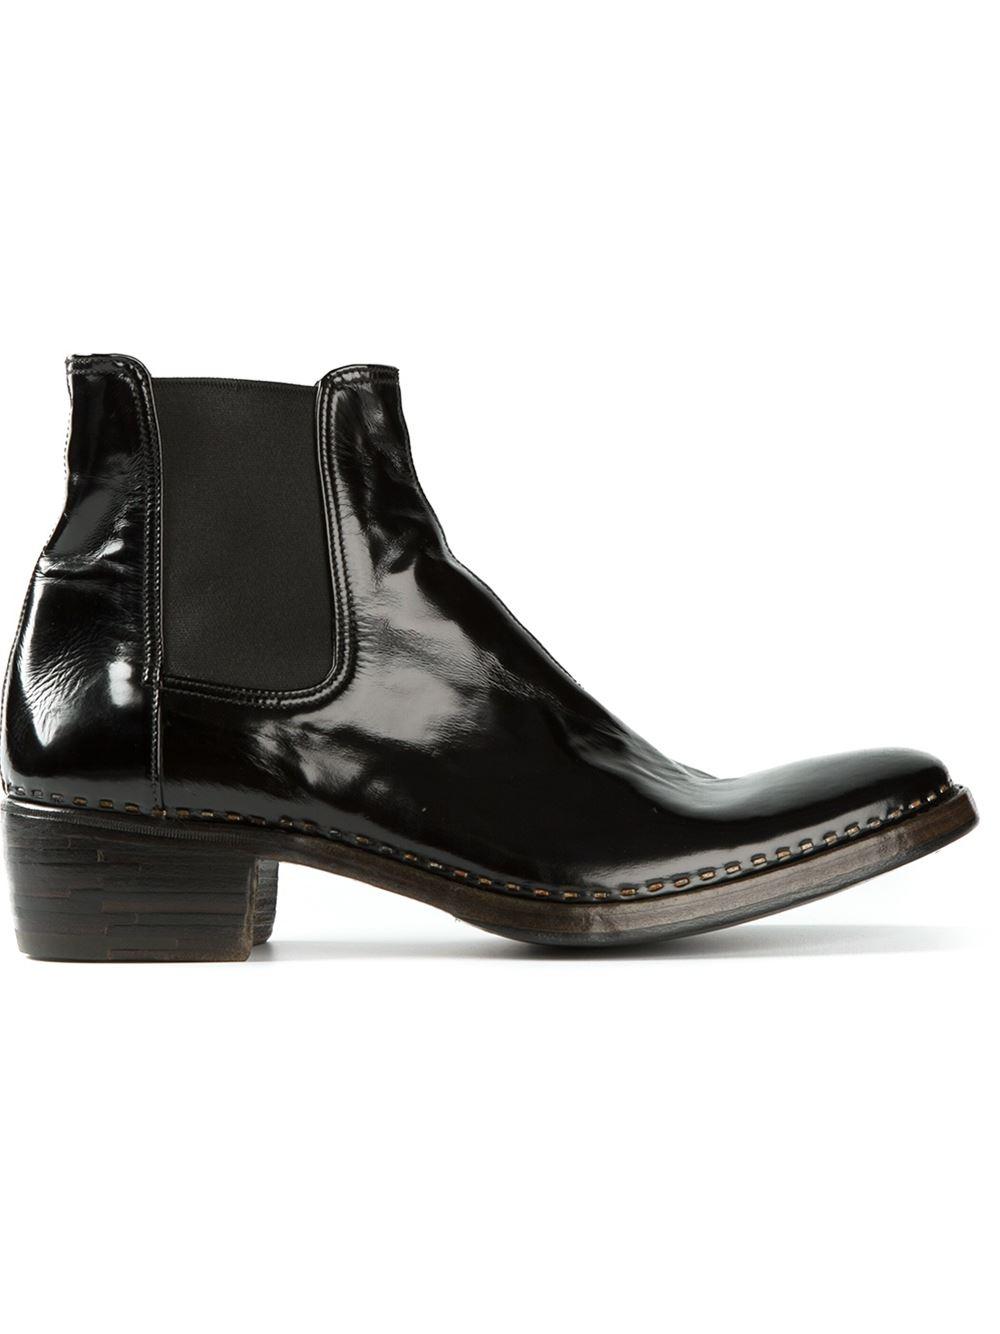 Fantastic Black Patent Leather Oil Slick Chelsea Boots Women Shoes